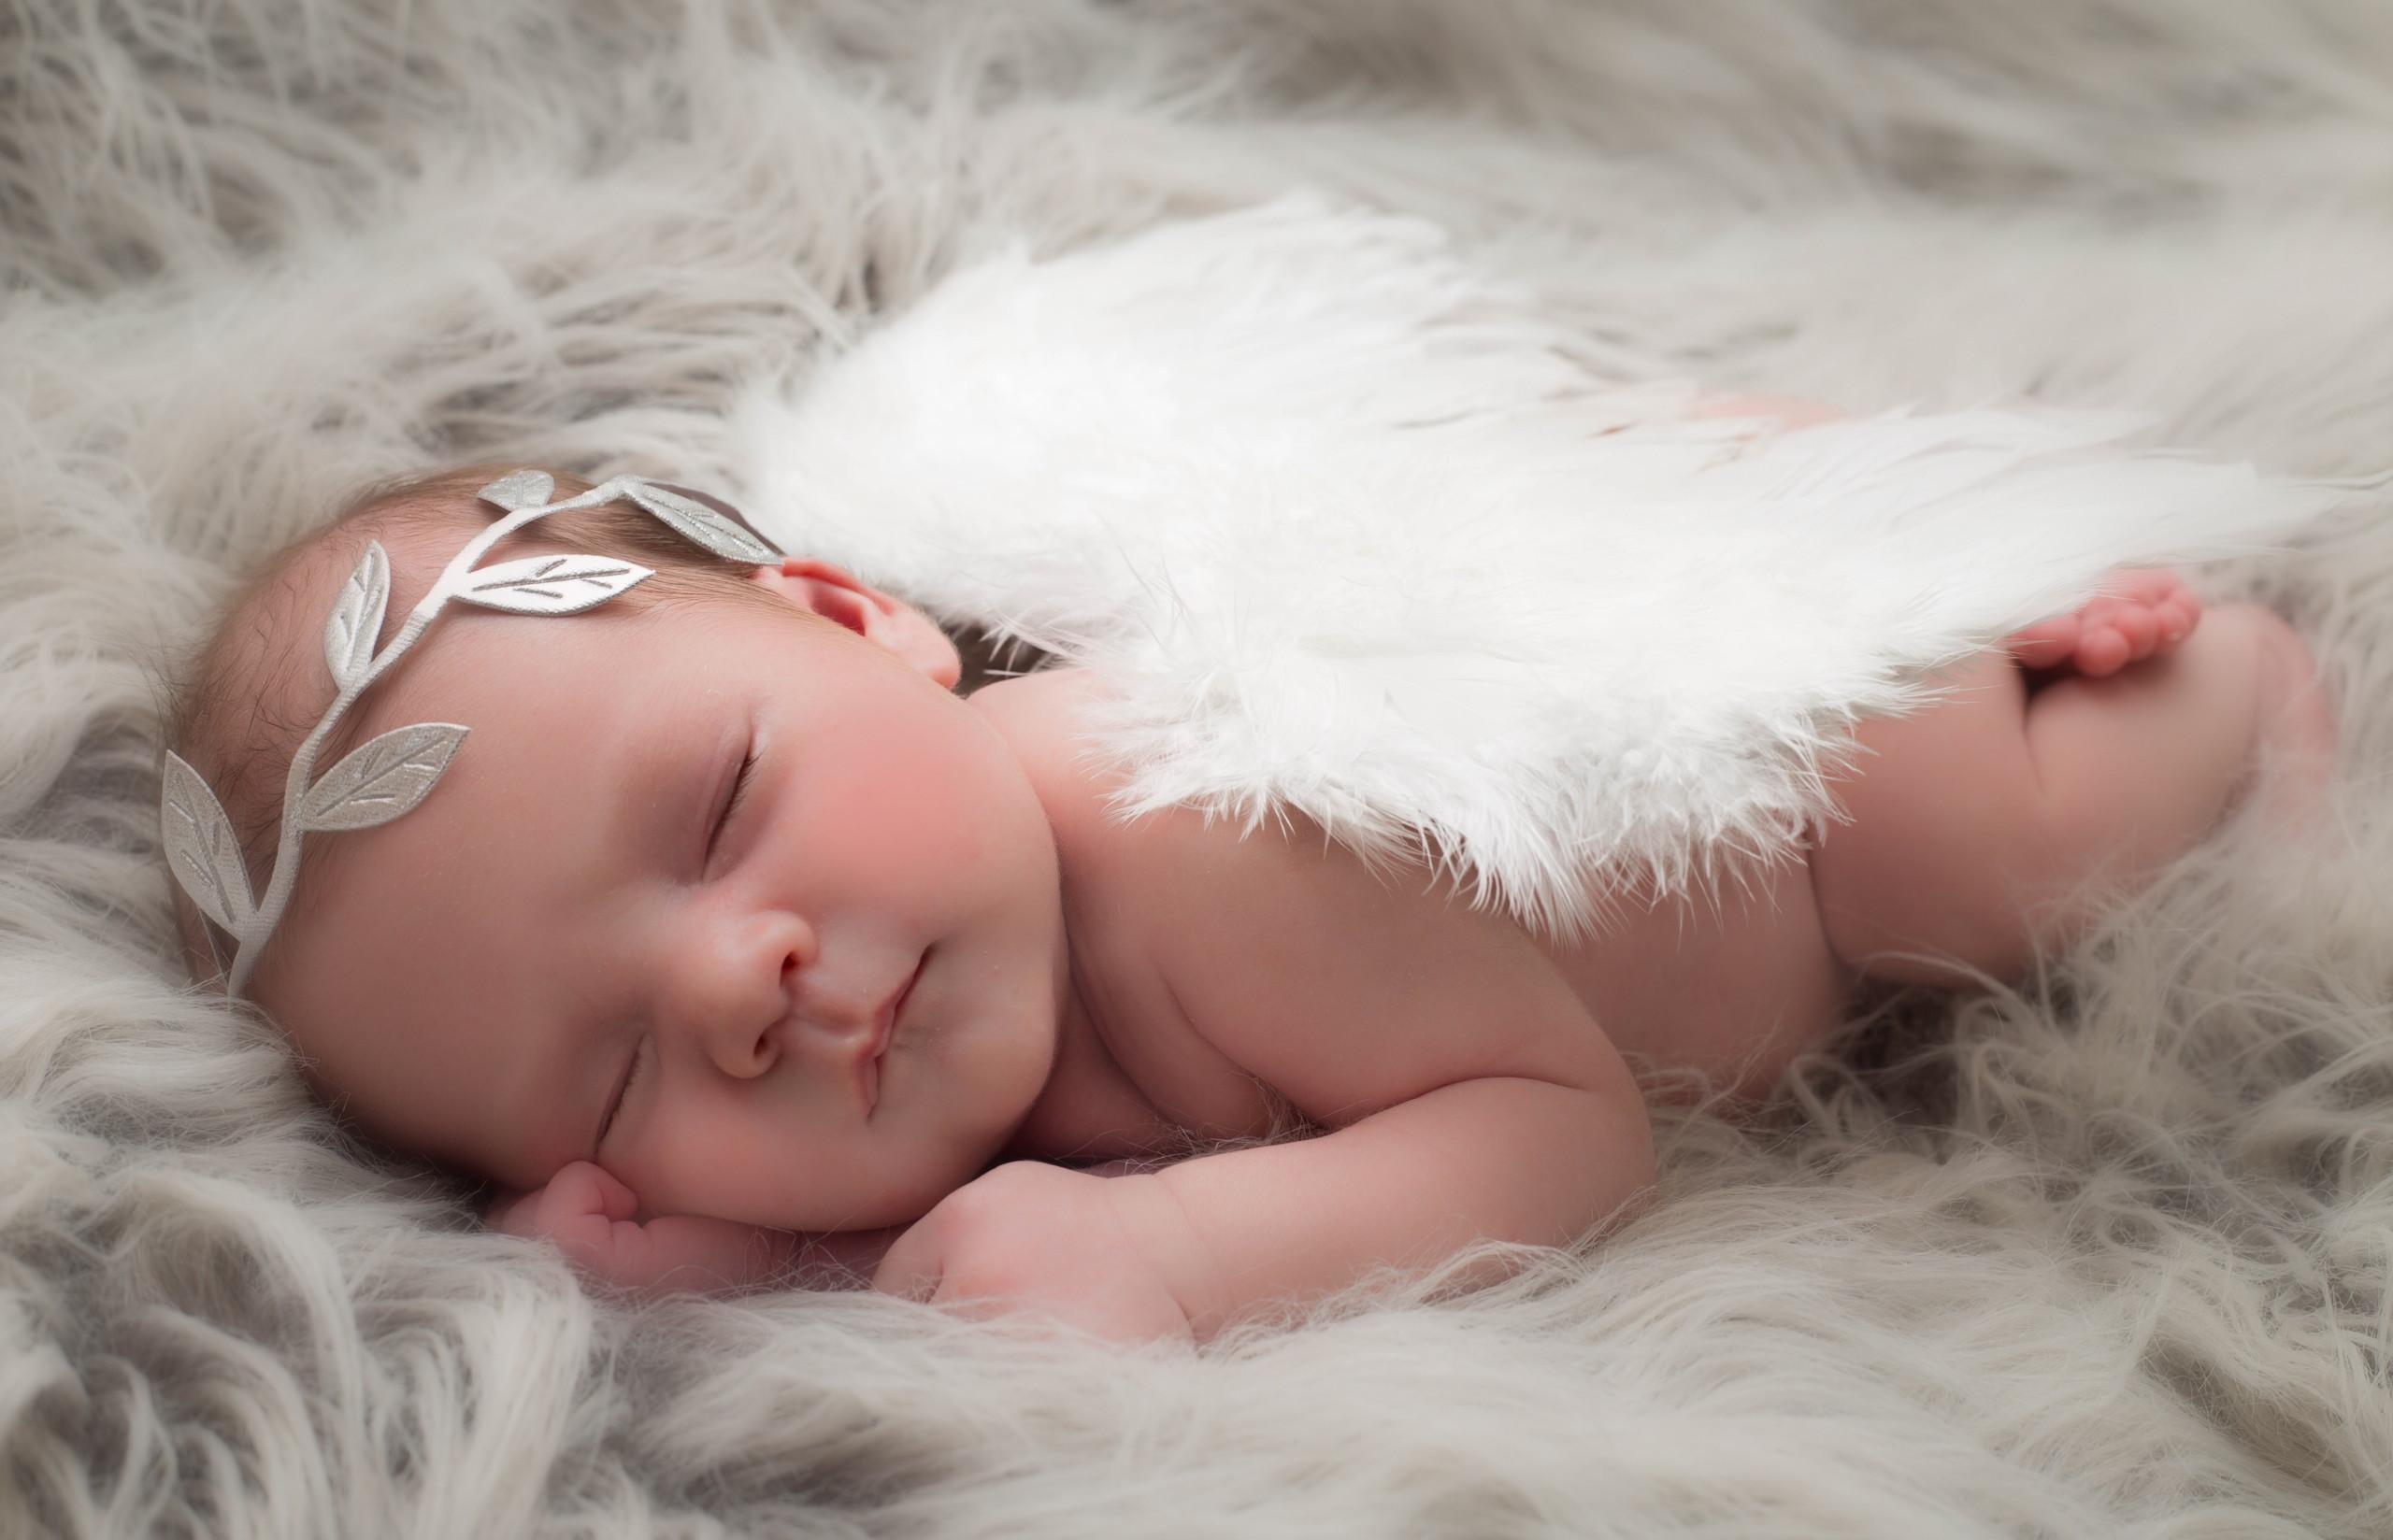 Ảnh em bé ngủ như thiên thần